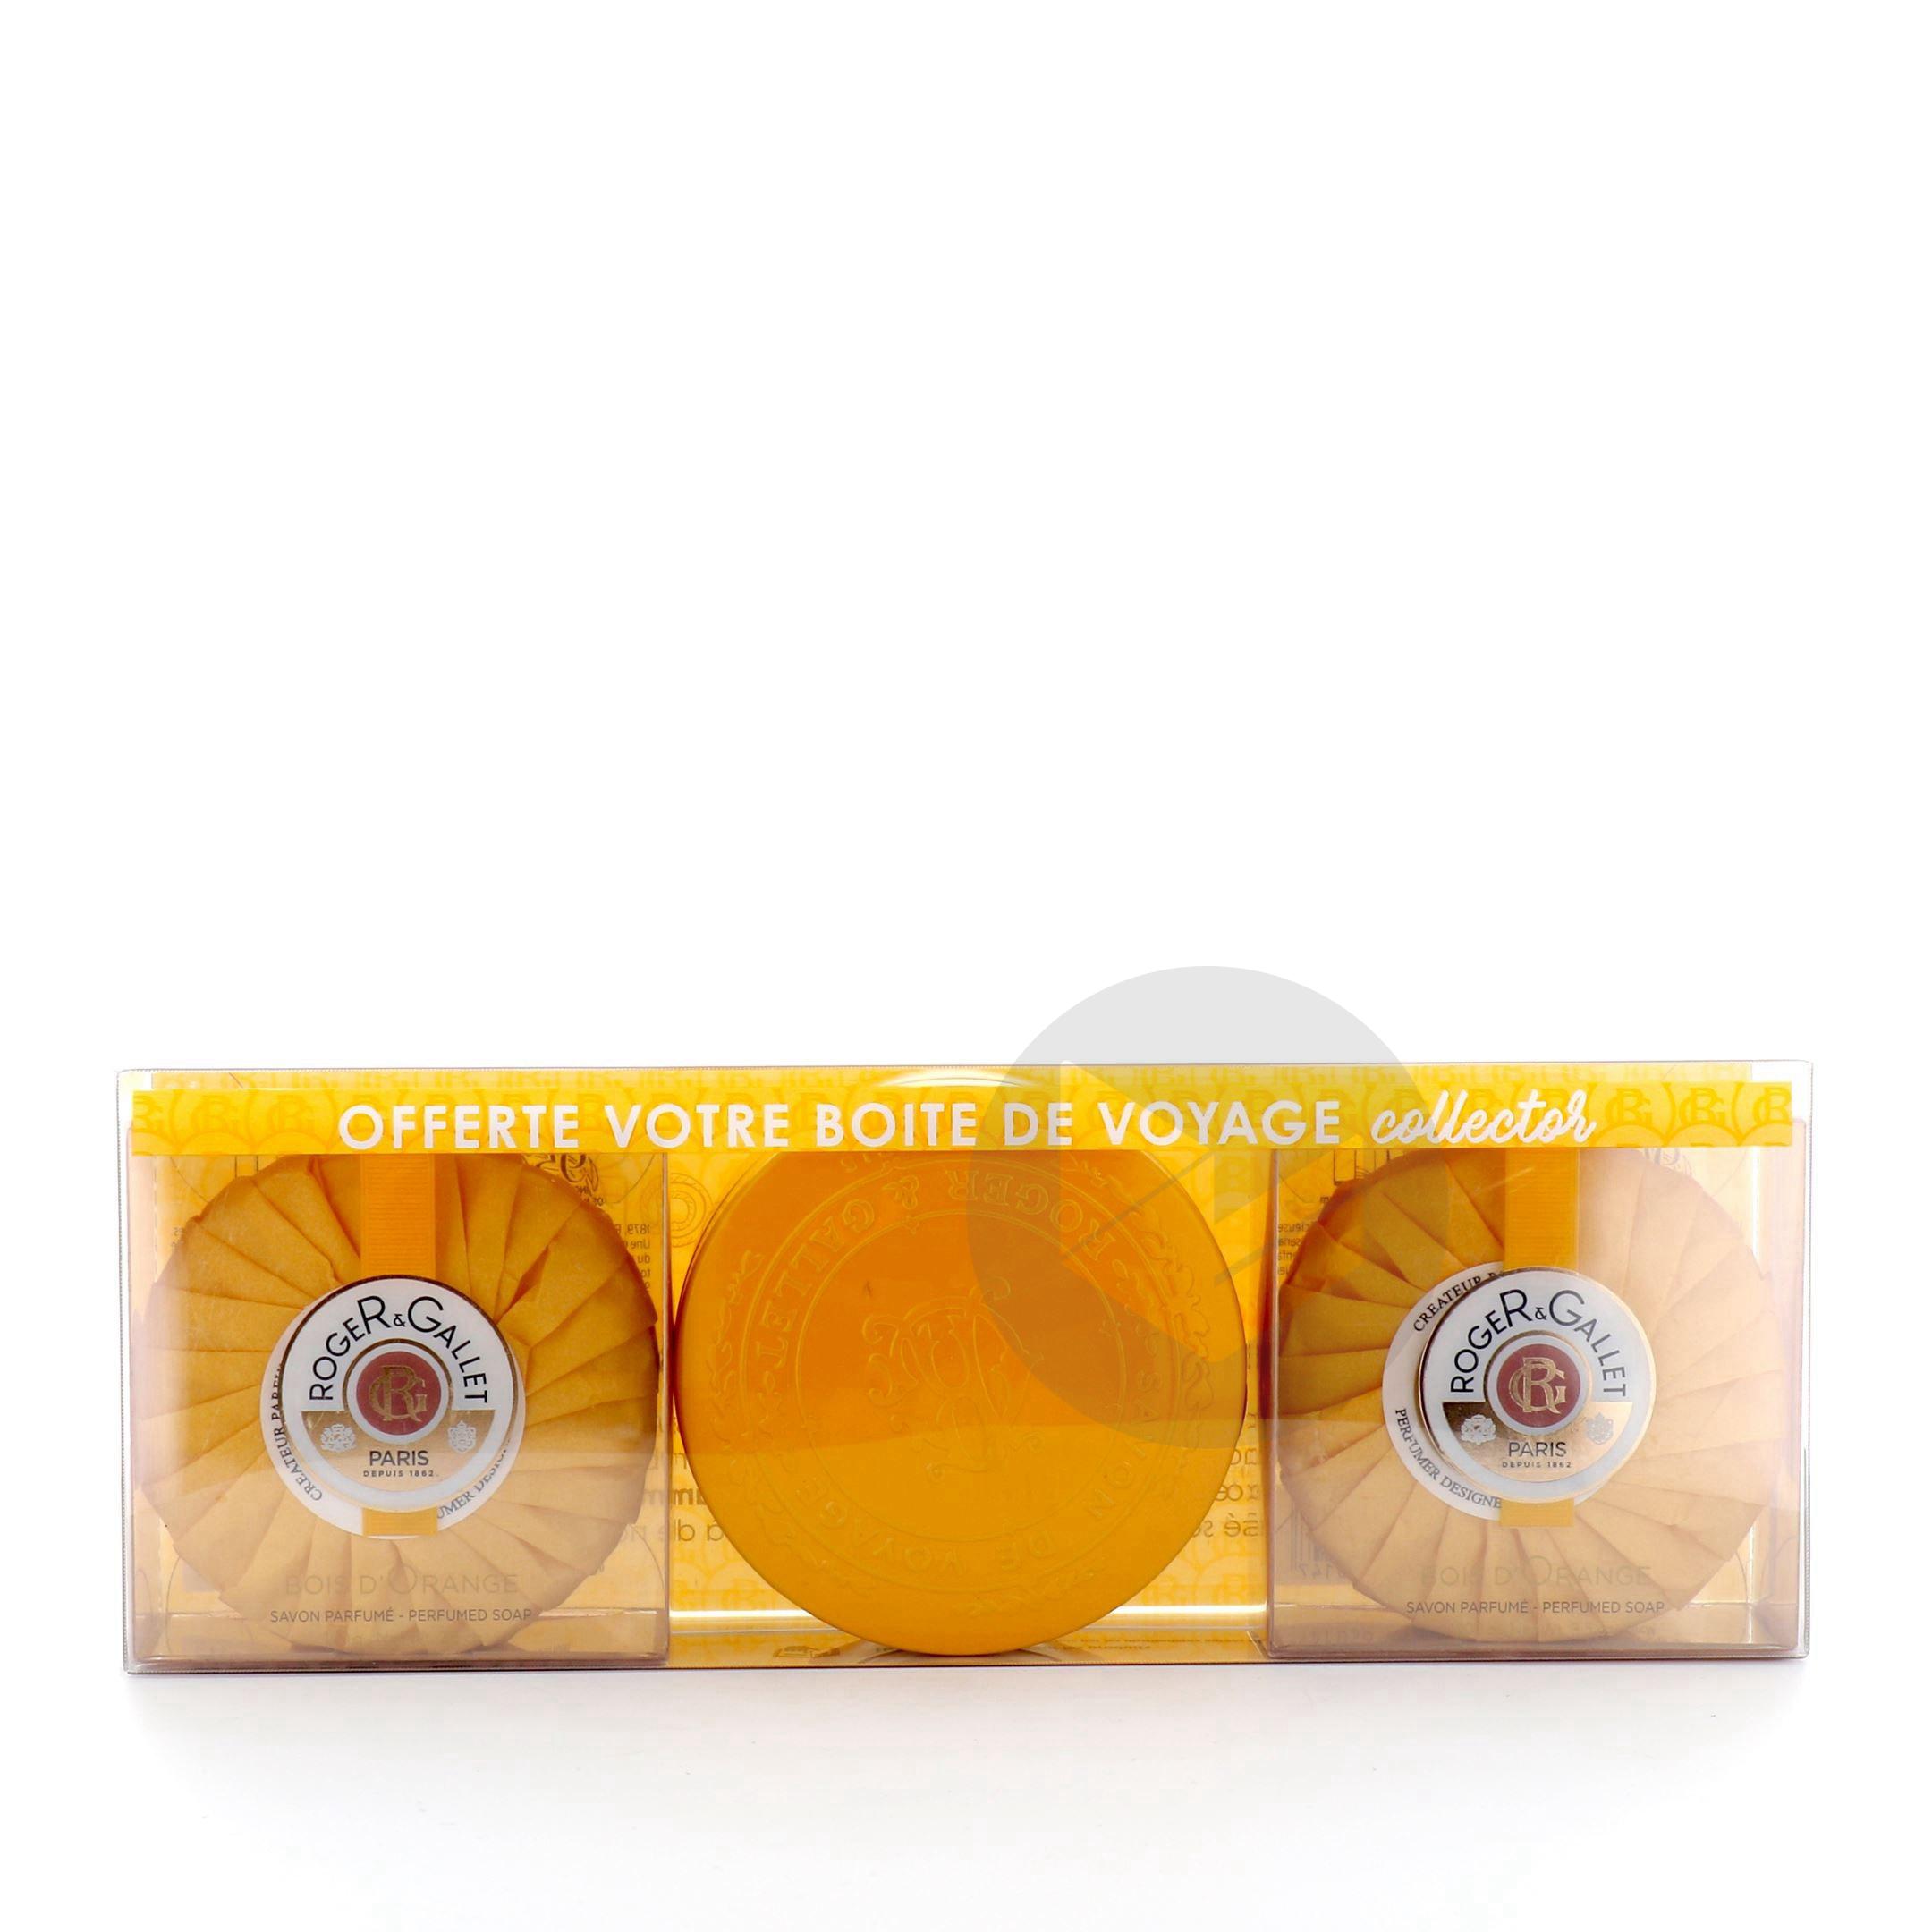 Coffret Savons Parfumés Bois d'Orange + 1 boîte voyage iconique offerte !